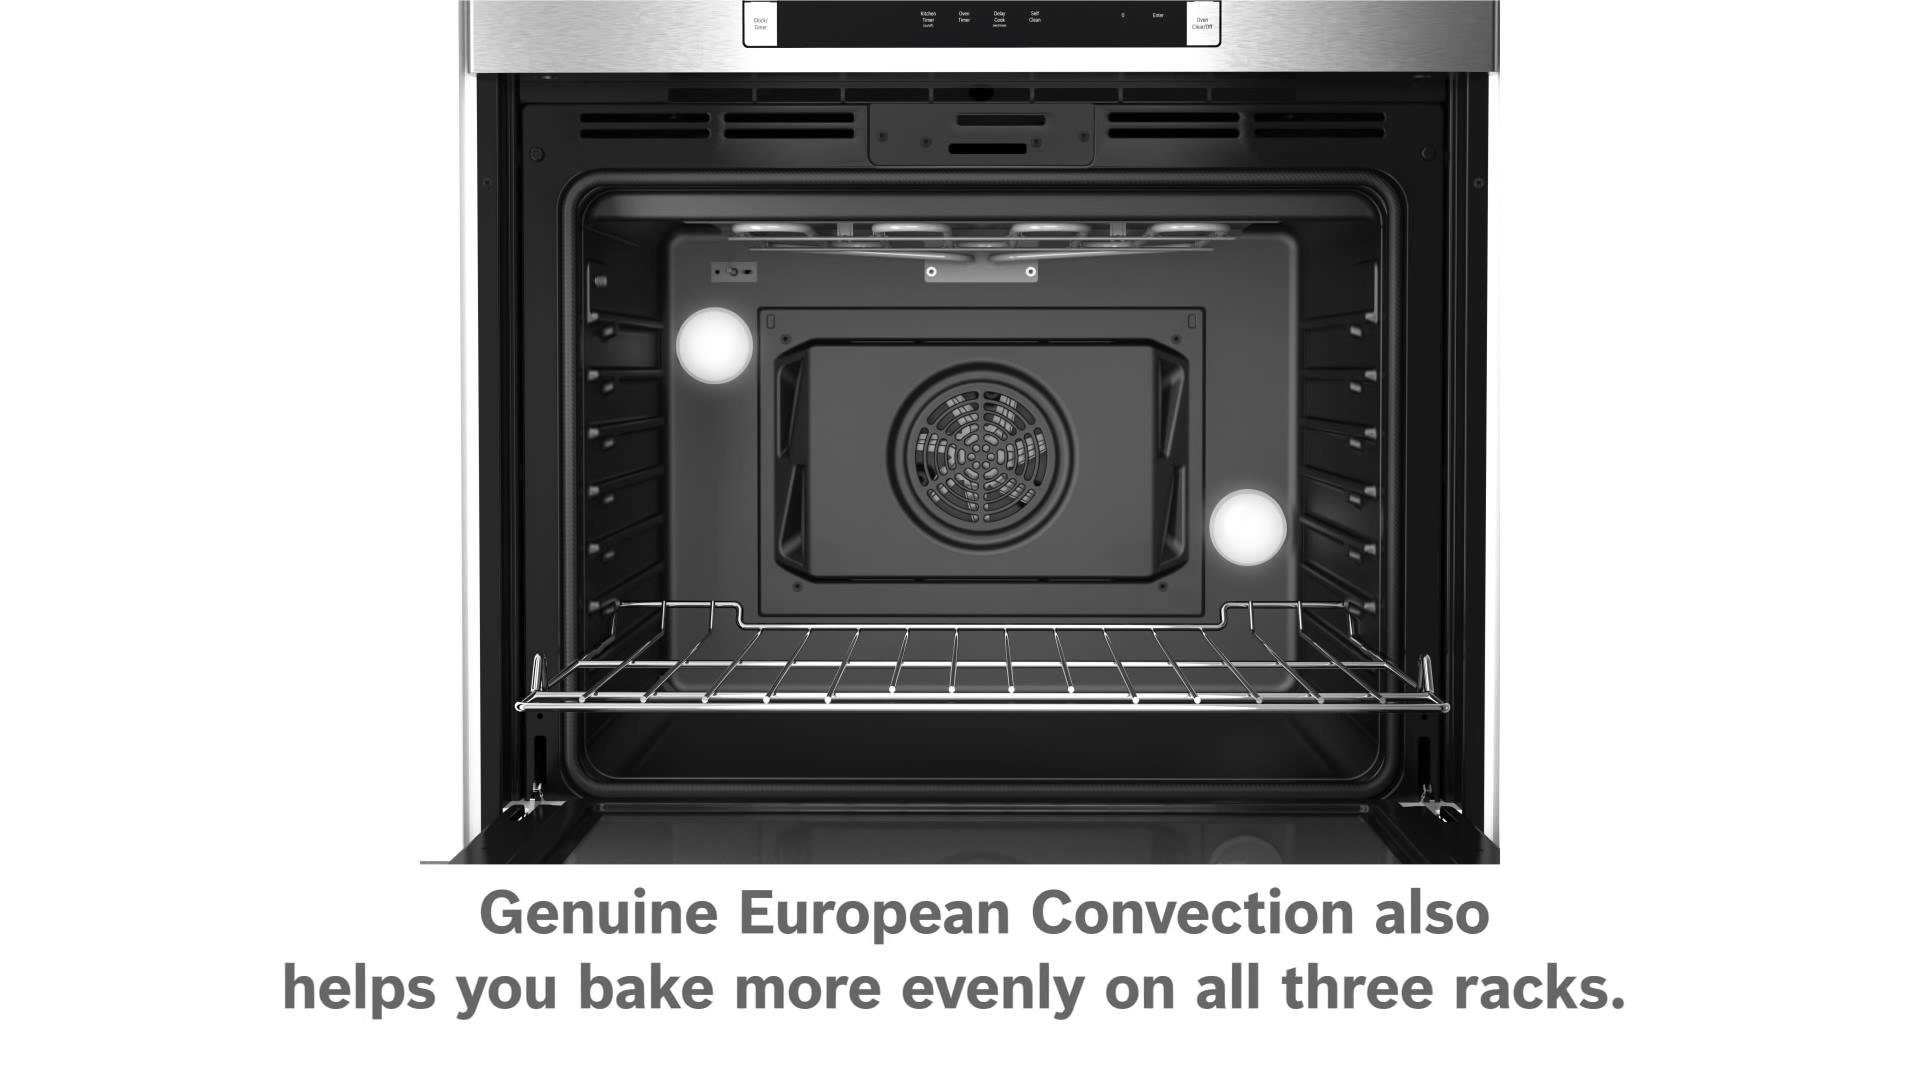 Bosch European Convection Ovens